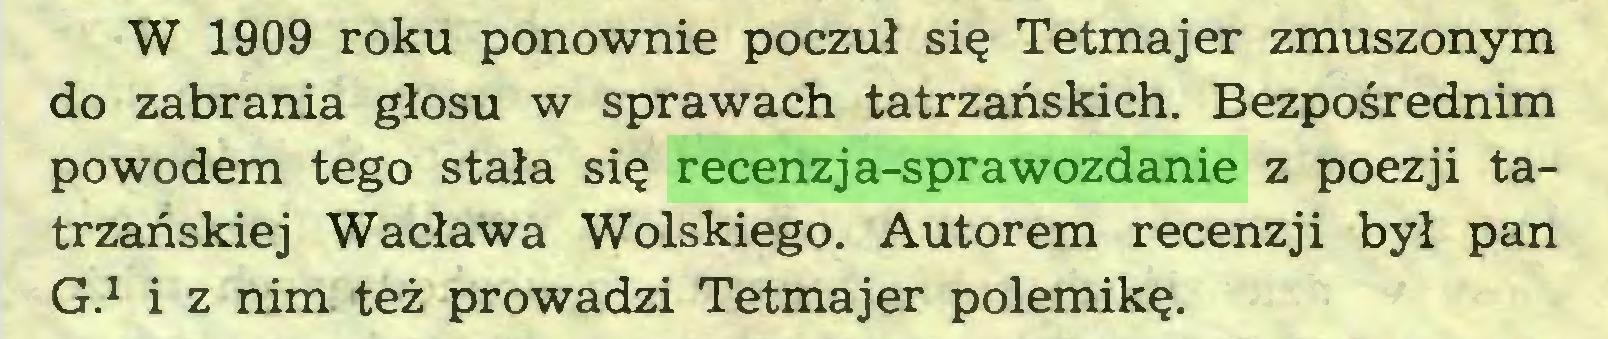 (...) W 1909 roku ponownie poczuł się Tetmajer zmuszonym do zabrania głosu w sprawach tatrzańskich. Bezpośrednim powodem tego stała się recenzja-sprawozdanie z poezji tatrzańskiej Wacława Wolskiego. Autorem recenzji był pan G.1 i z nim też prowadzi Tetmajer polemikę...